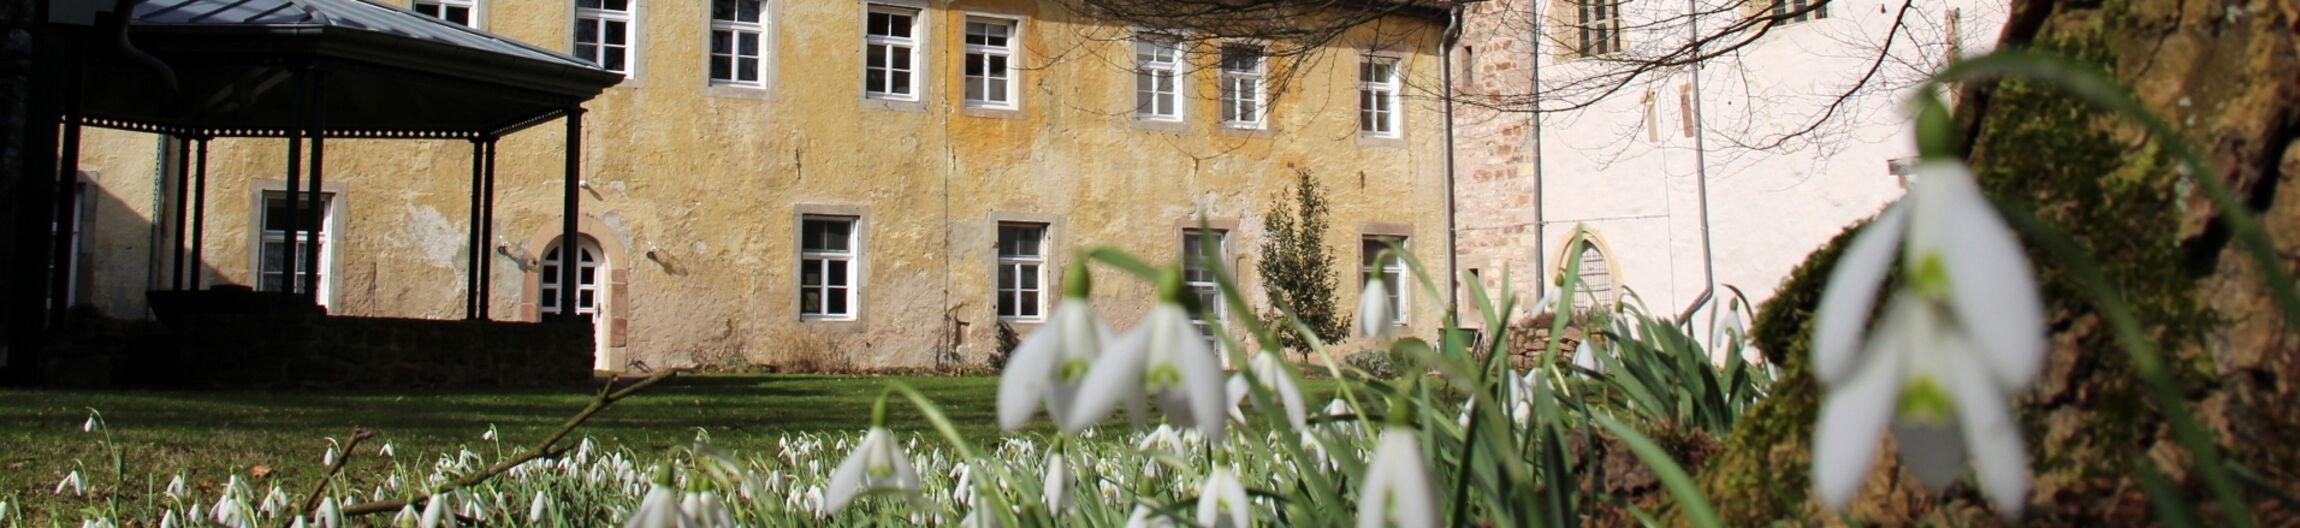 Frühling in Bursfelde